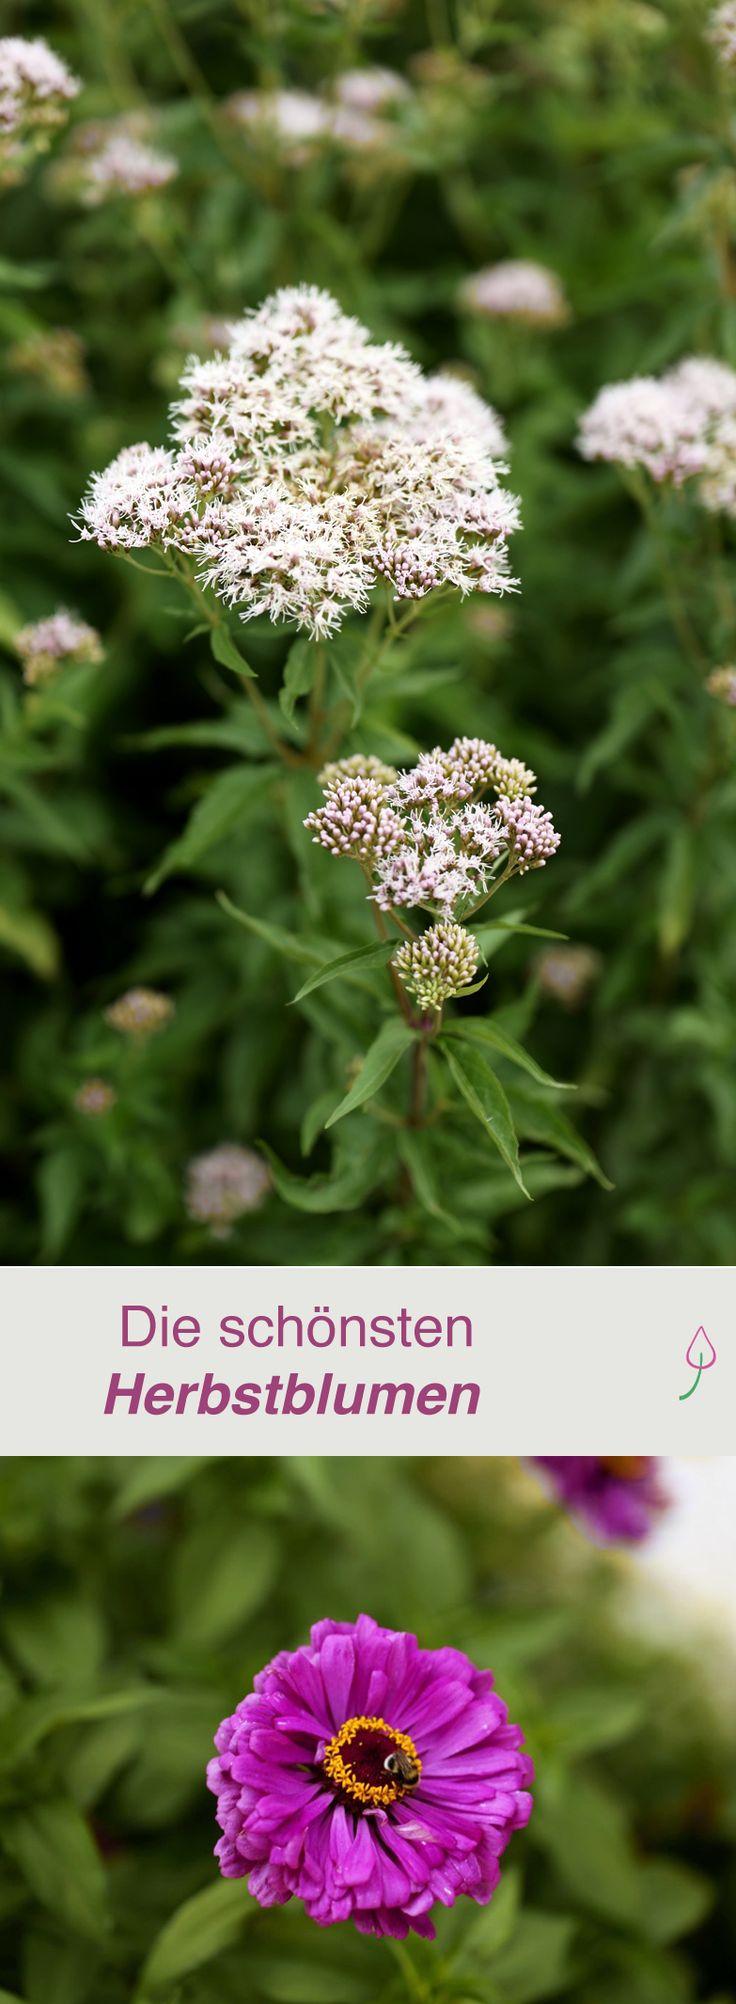 schones schone herbstblumen erfreuen unser auge im september frisch images der ccebfbabed